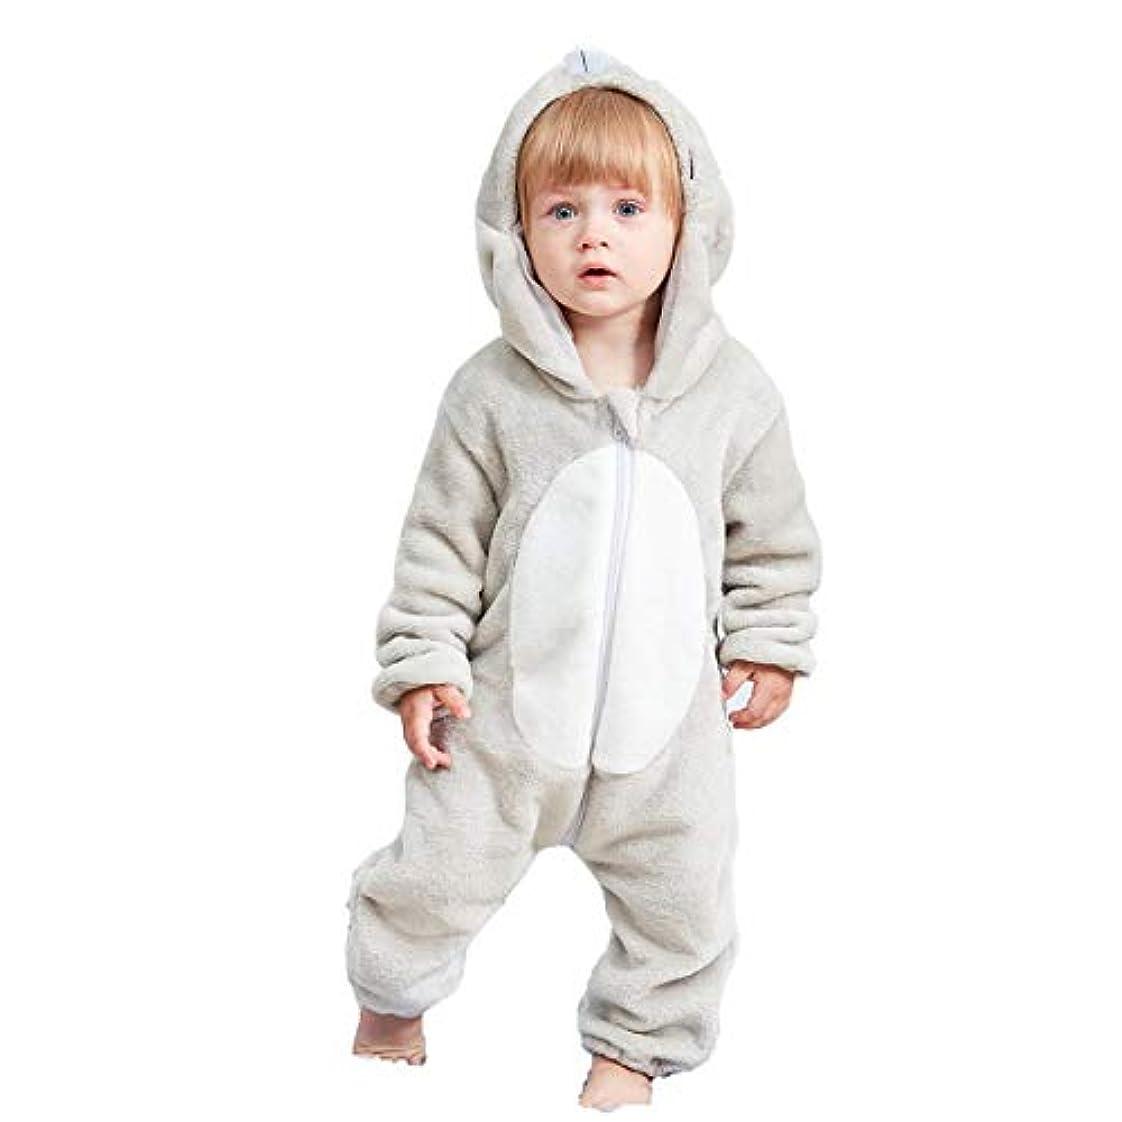 浪費一緒ペニーBHKK ベビー 着ぐるみ ロンパース もこもこ カバーオール キッズ コスチューム 防寒着 男の子 女の子 出産祝い 百日祝い プレゼント (ネズミ, 70)